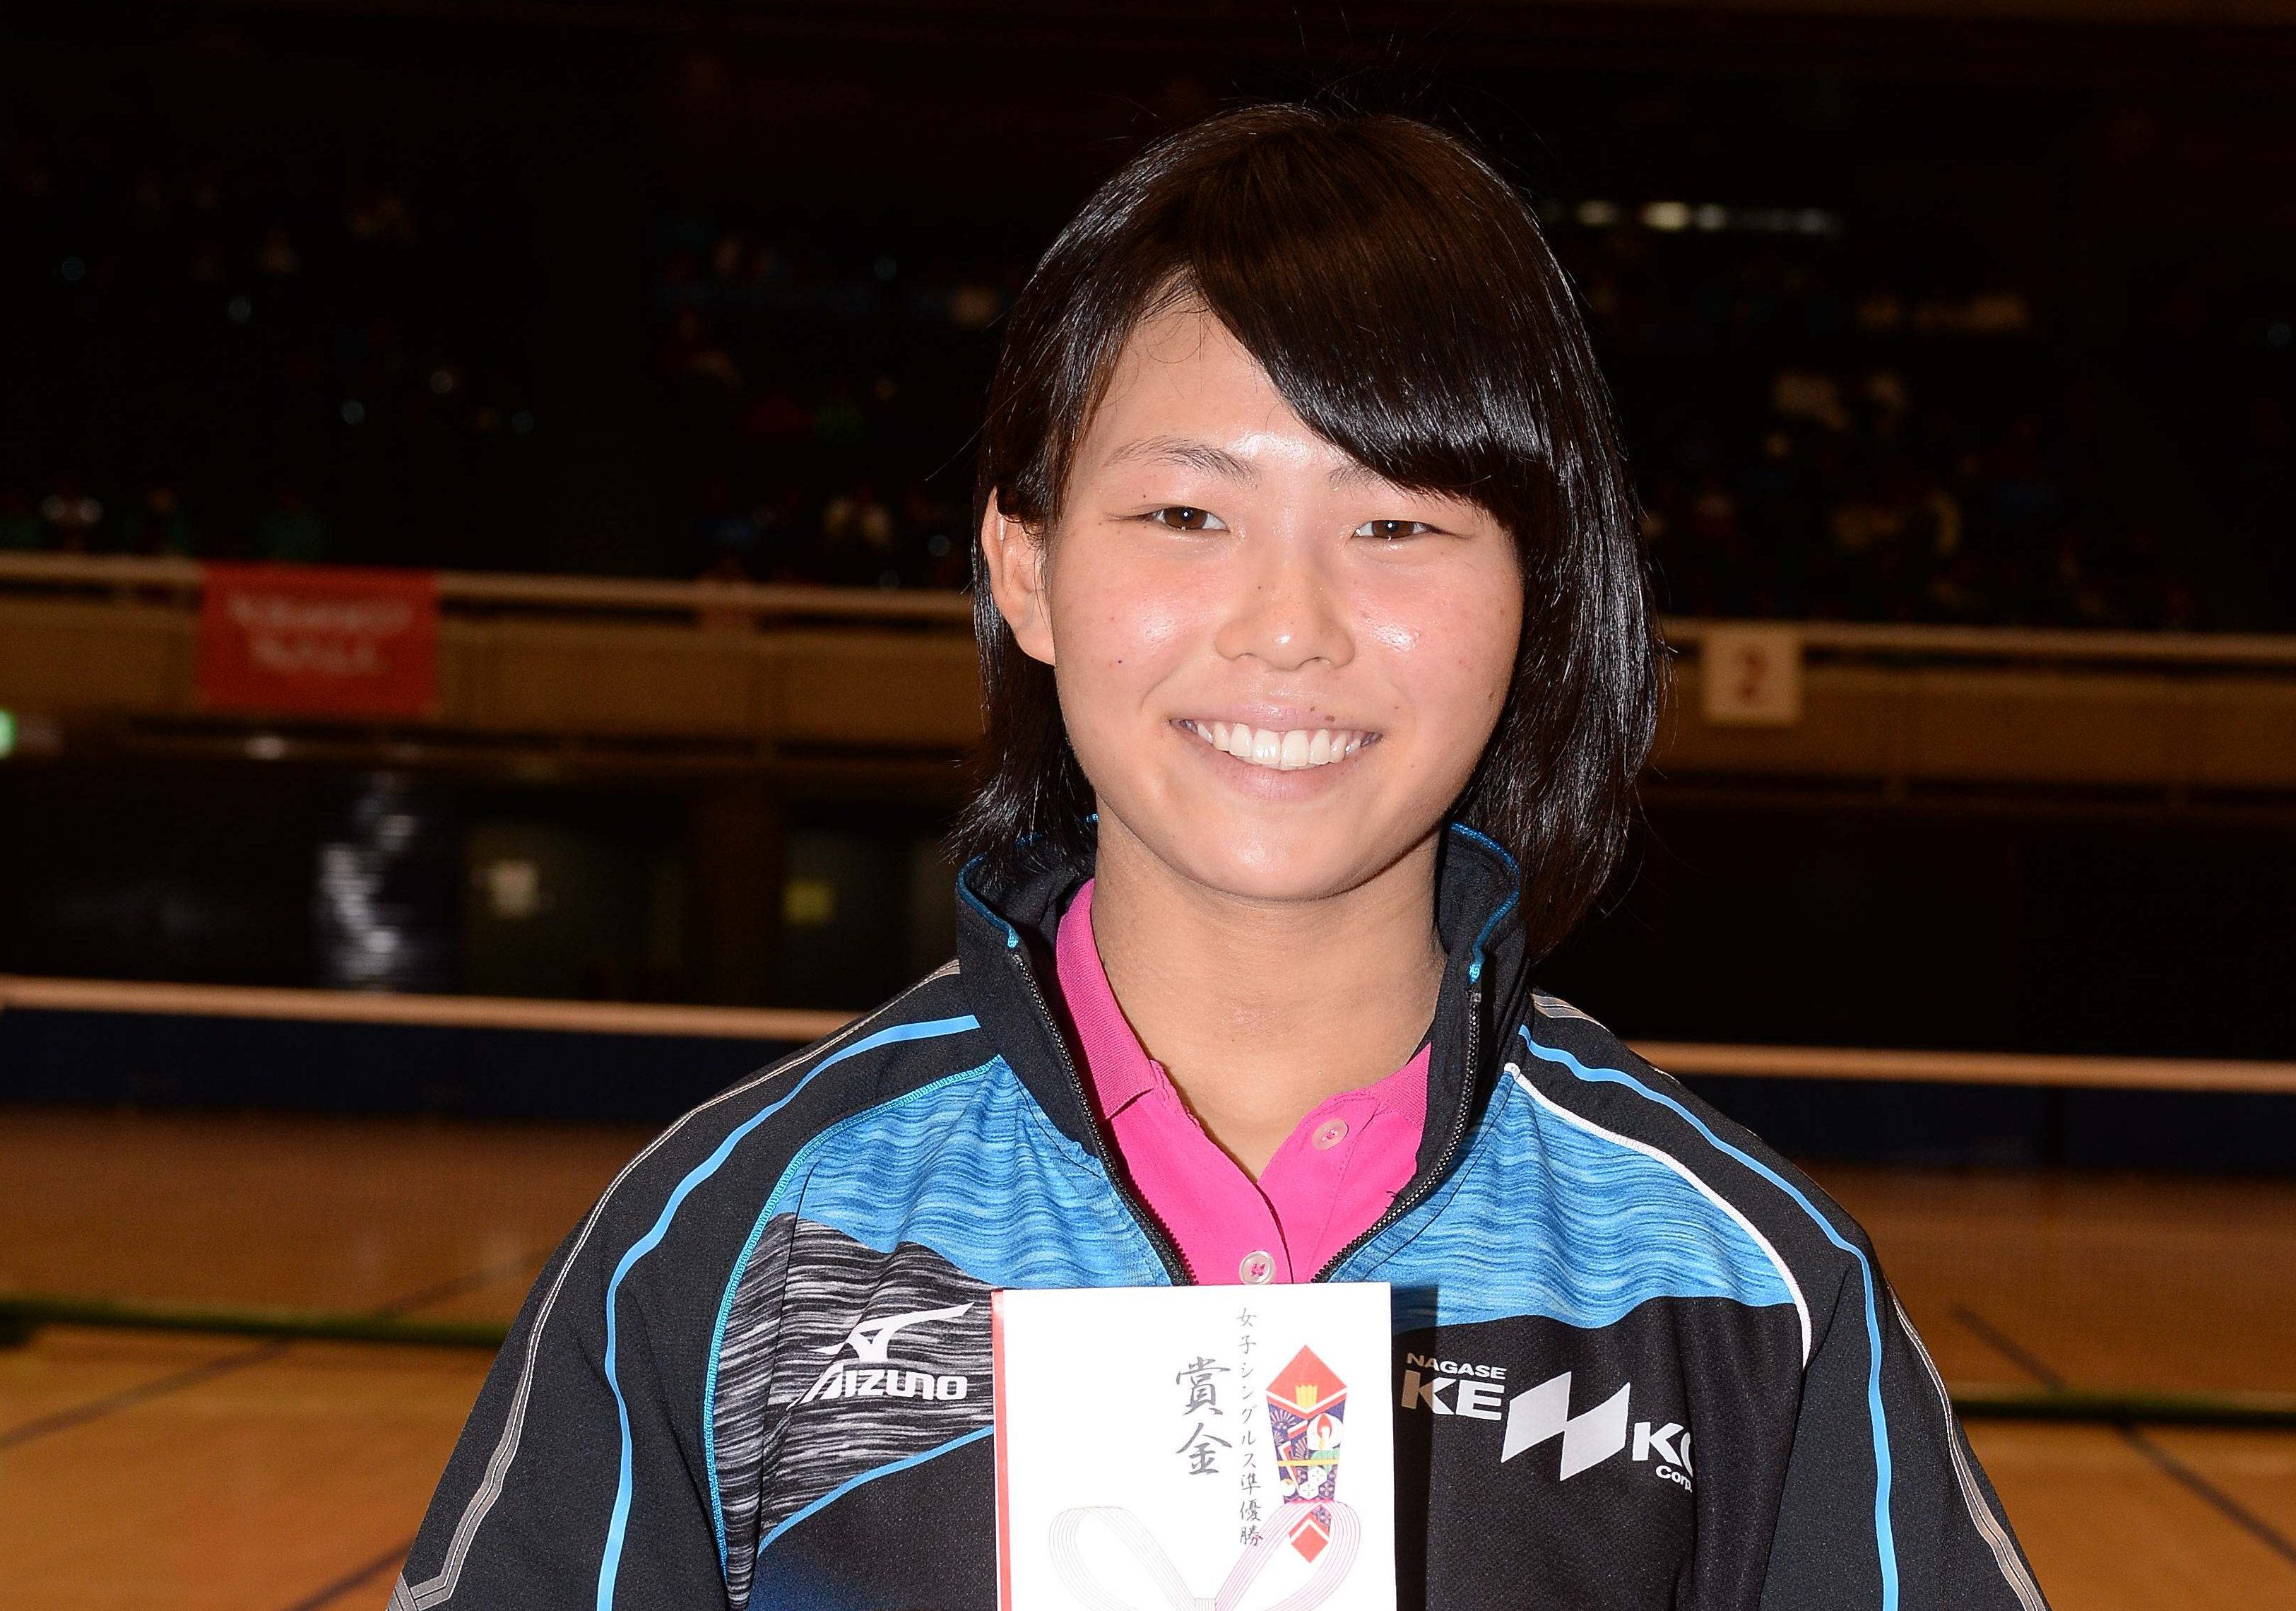 第62回全日本女子選抜・シングルス2位の早川日向(ナガセケンコー)